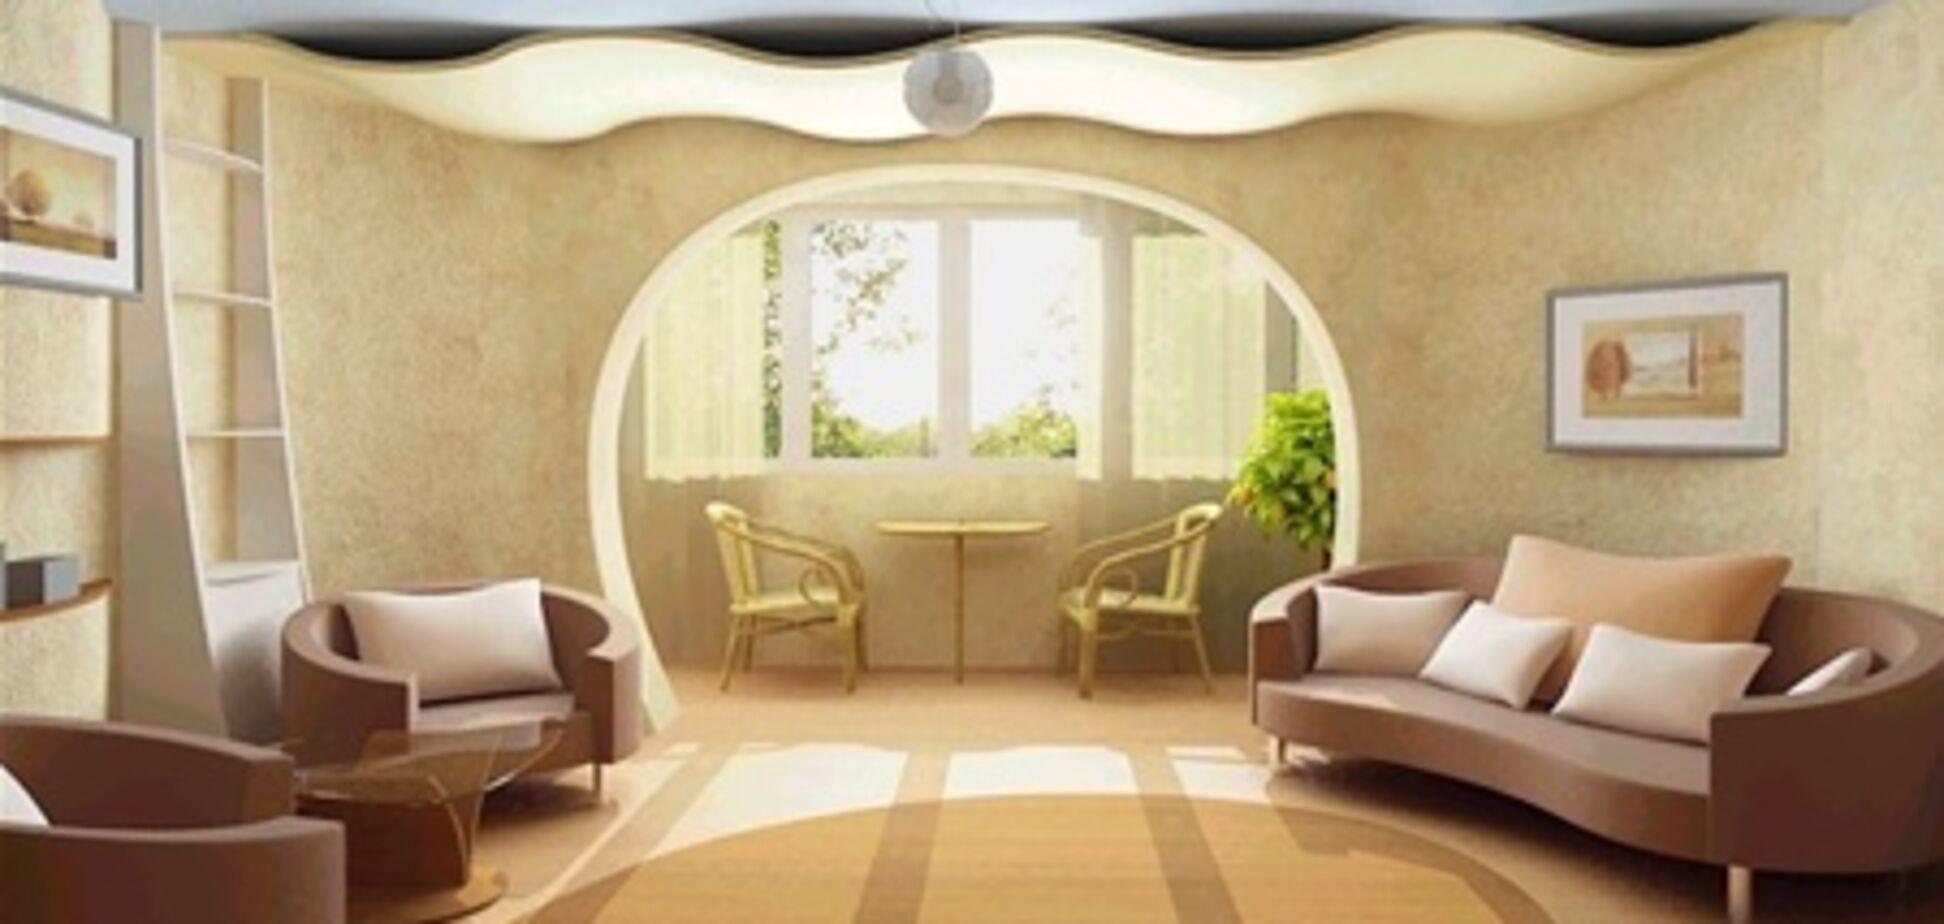 Перепланировка квартиры: что модно, а что можно